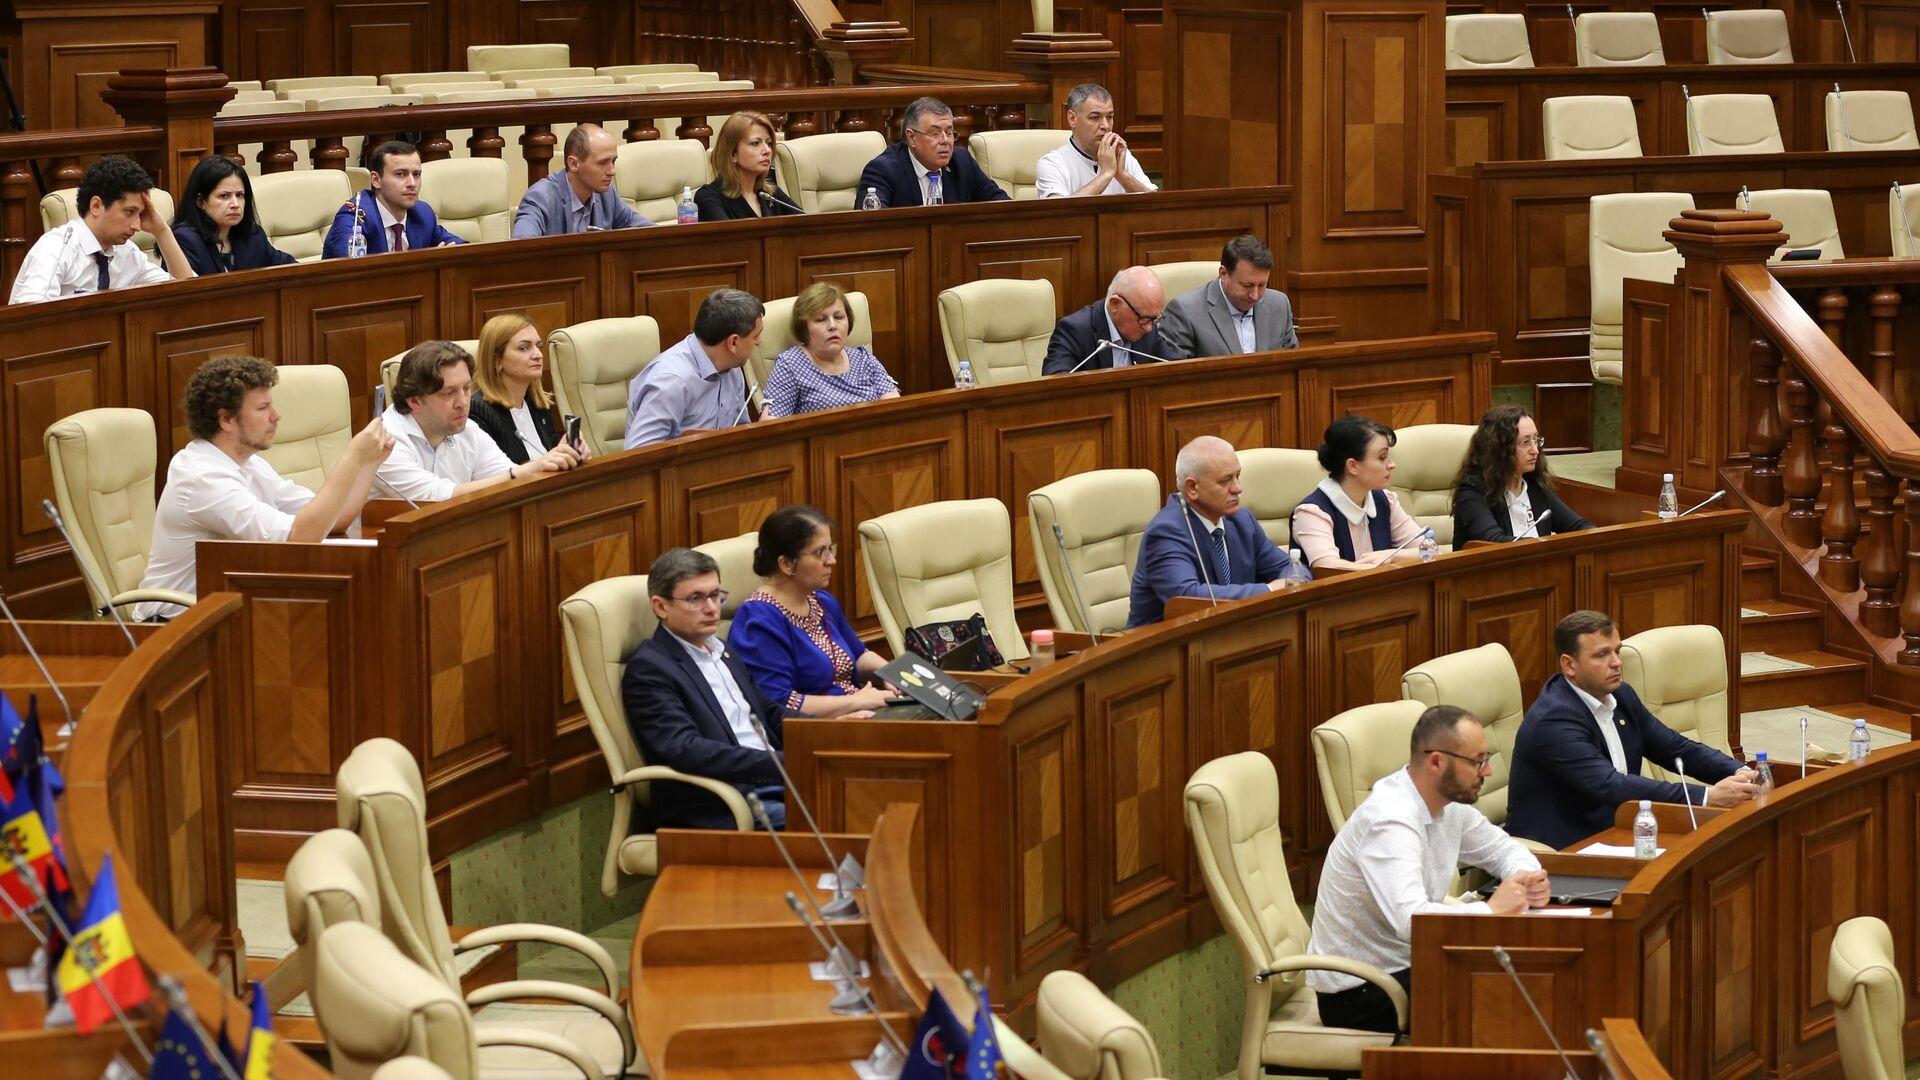 Депутаты на заседании парламента Молдавии в Кишиневе - РИА Новости, 1920, 04.12.2020